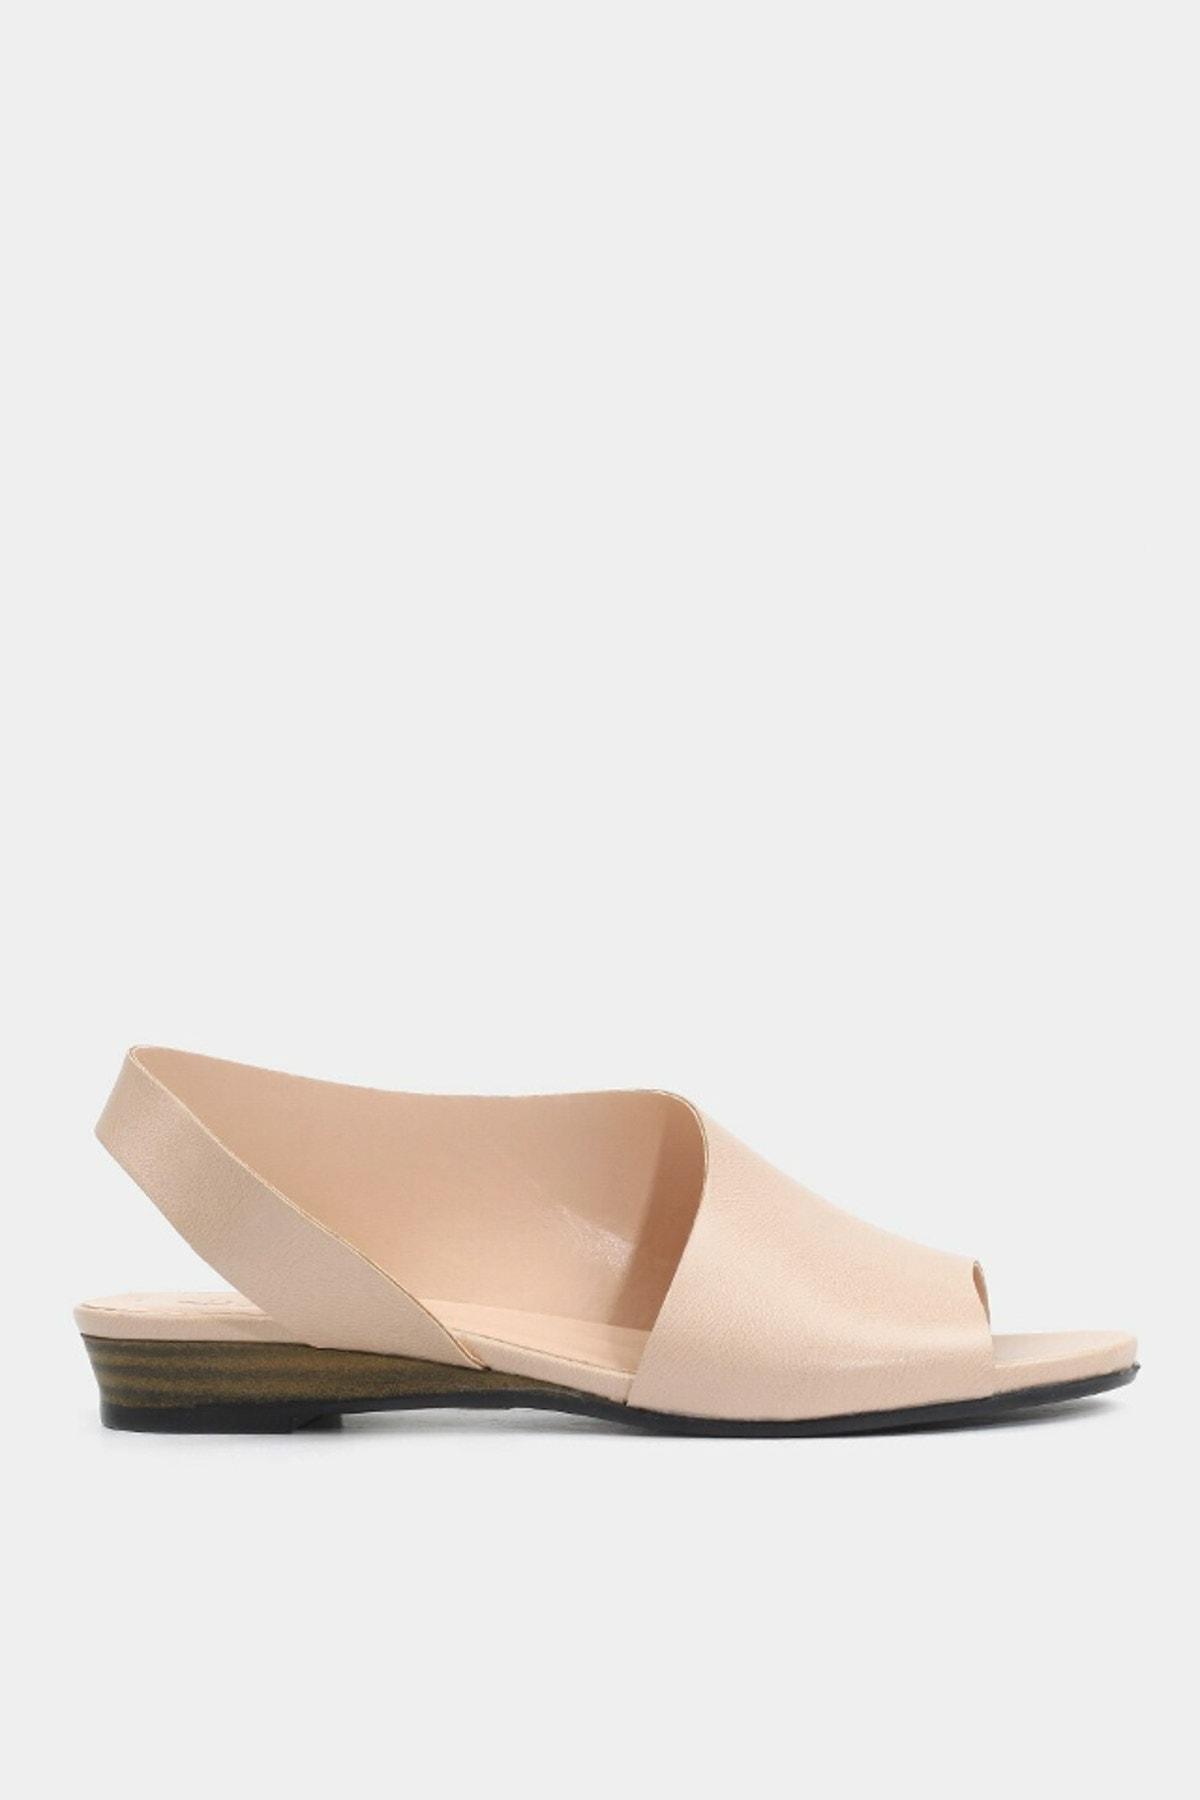 Hotiç Kemik Kadın Düz Sandalet 1